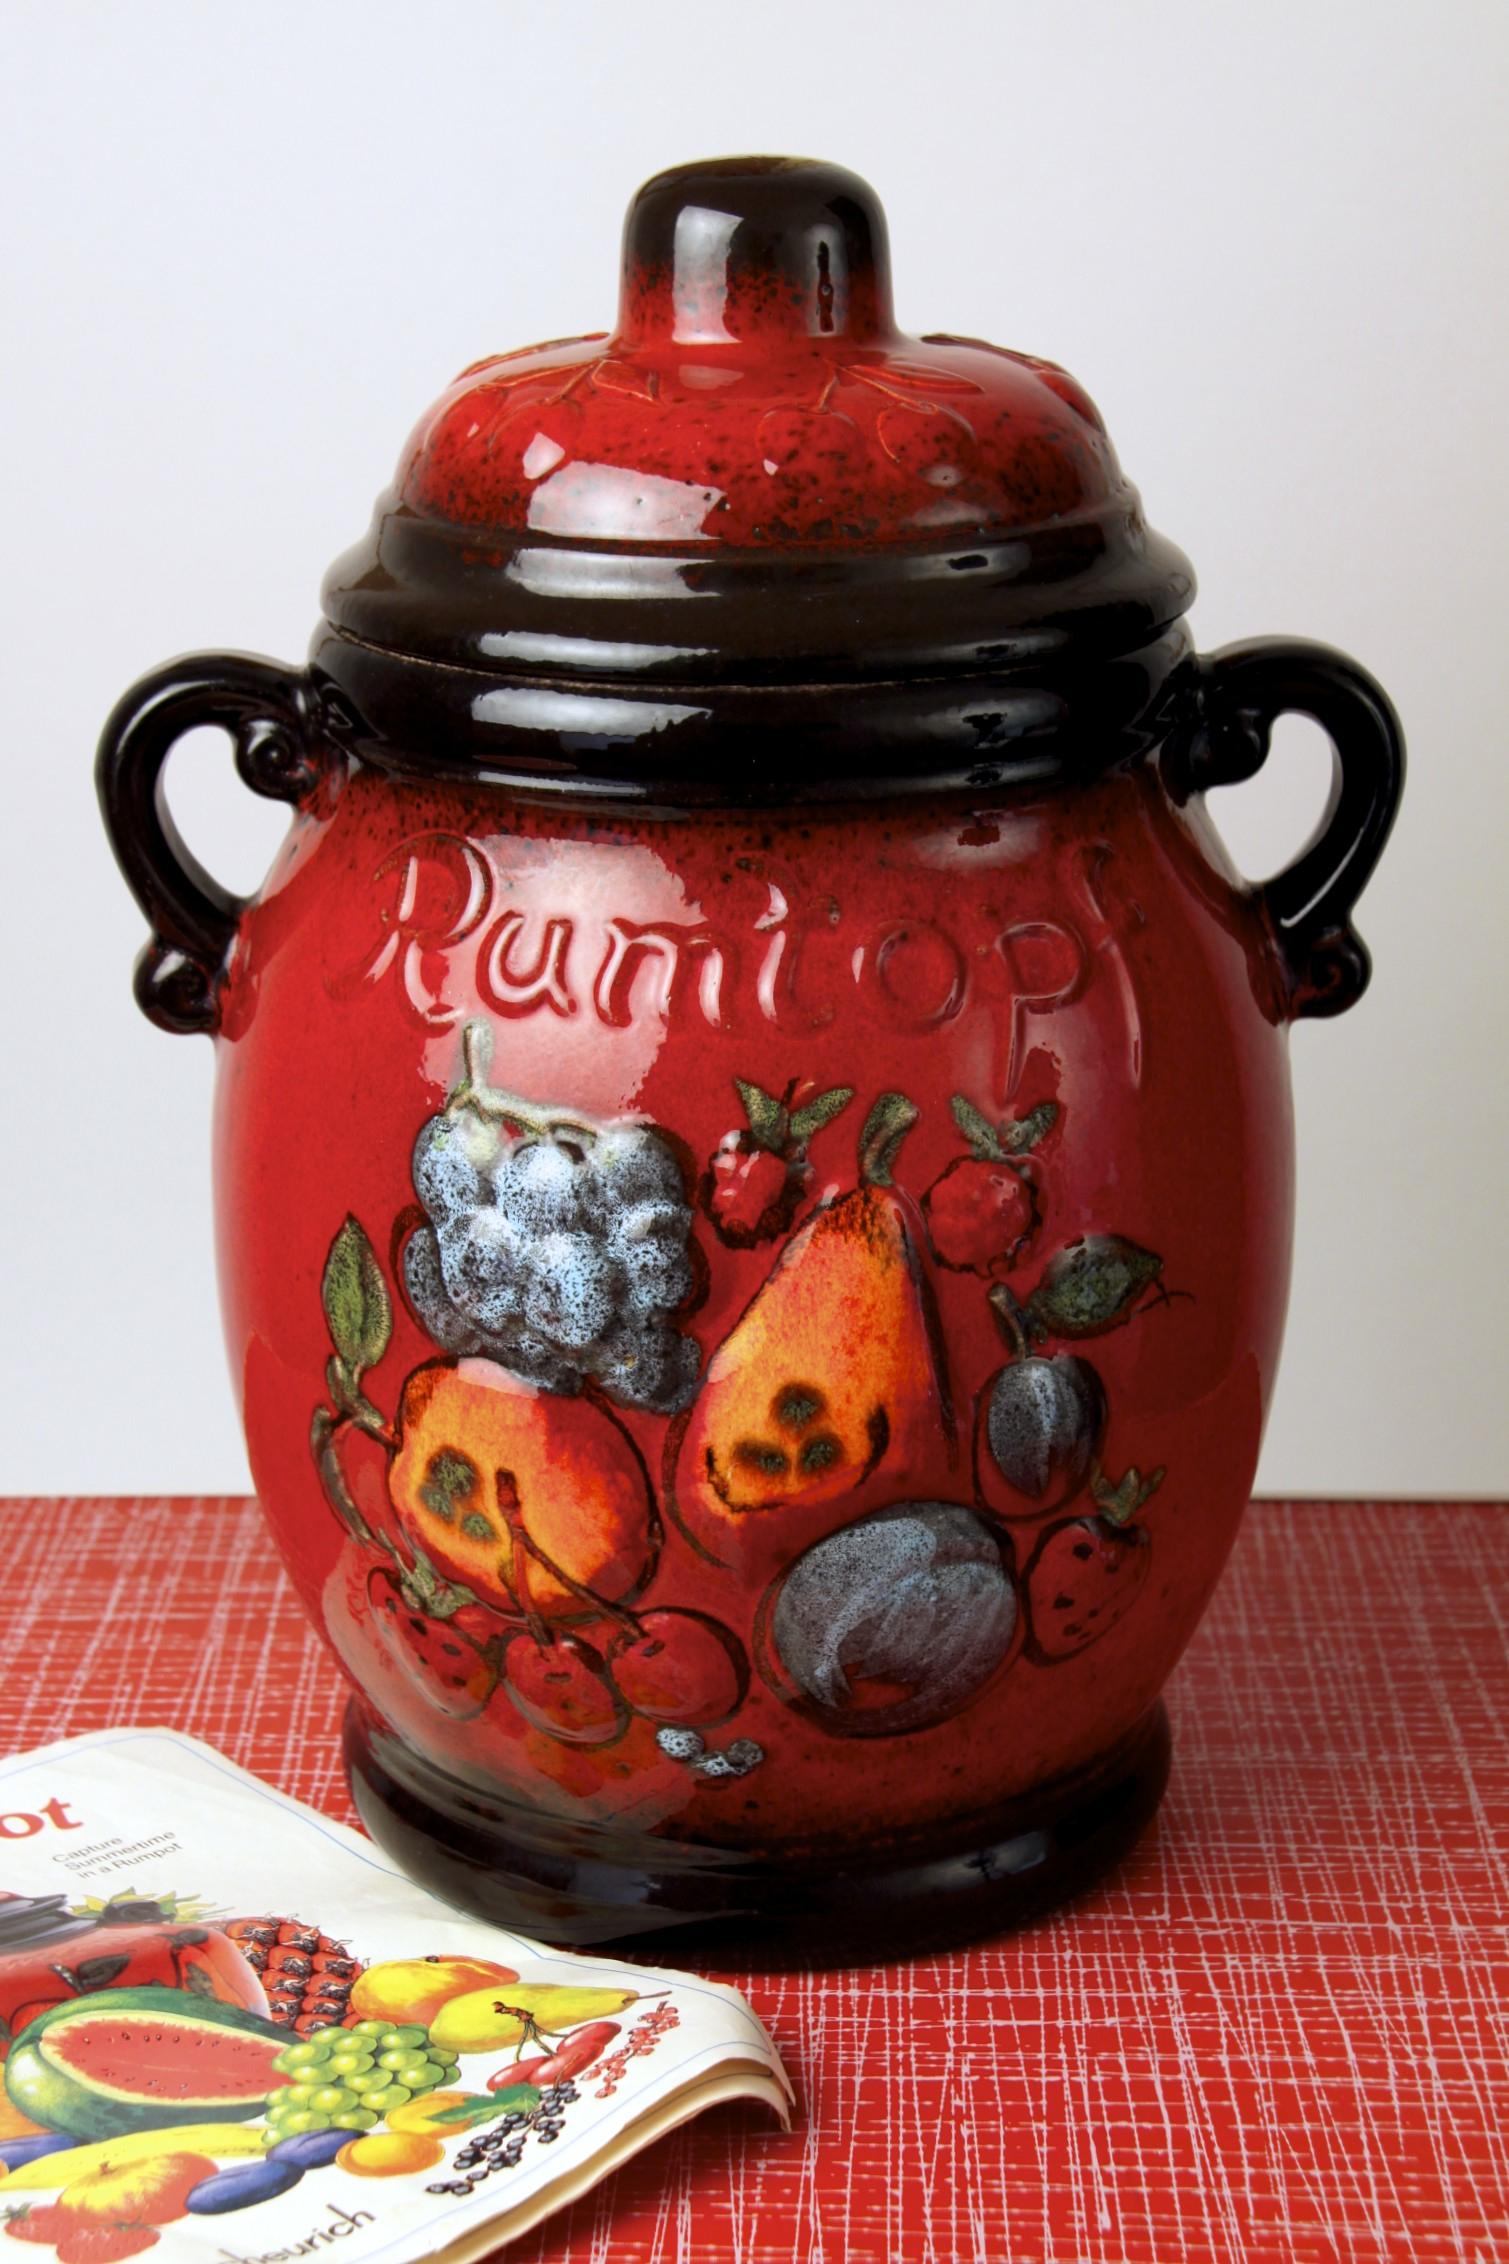 Scheurich Keramik Rumtopf Rum Pot Preserving Jar West